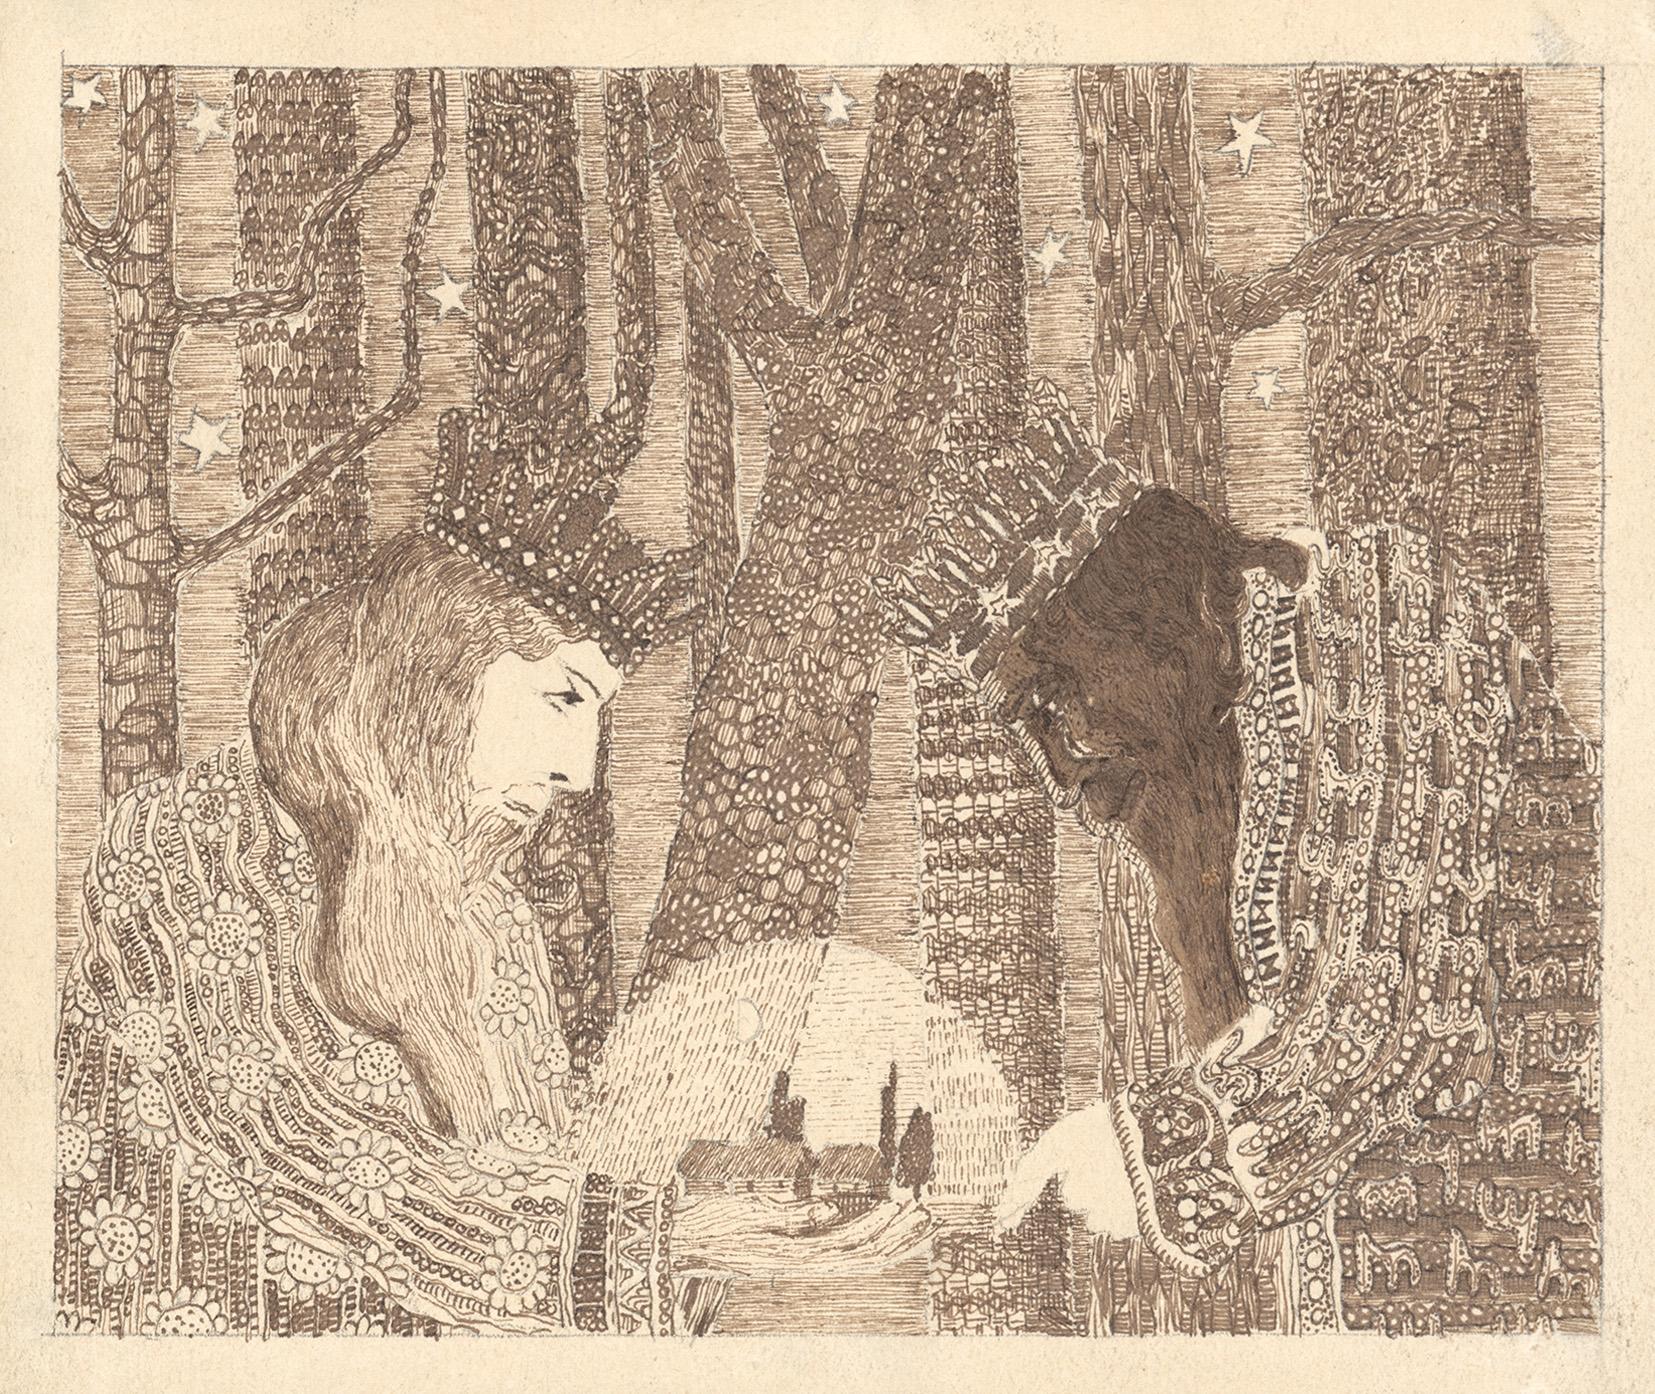 """M.K. Čiurlionis, """"Bajka (Bajka królewska)"""", 1908, zbiory Narodowego Muzeum Sztuki M.K. Čiurlionisa w Kownie (źródło: materiały prasowe)"""